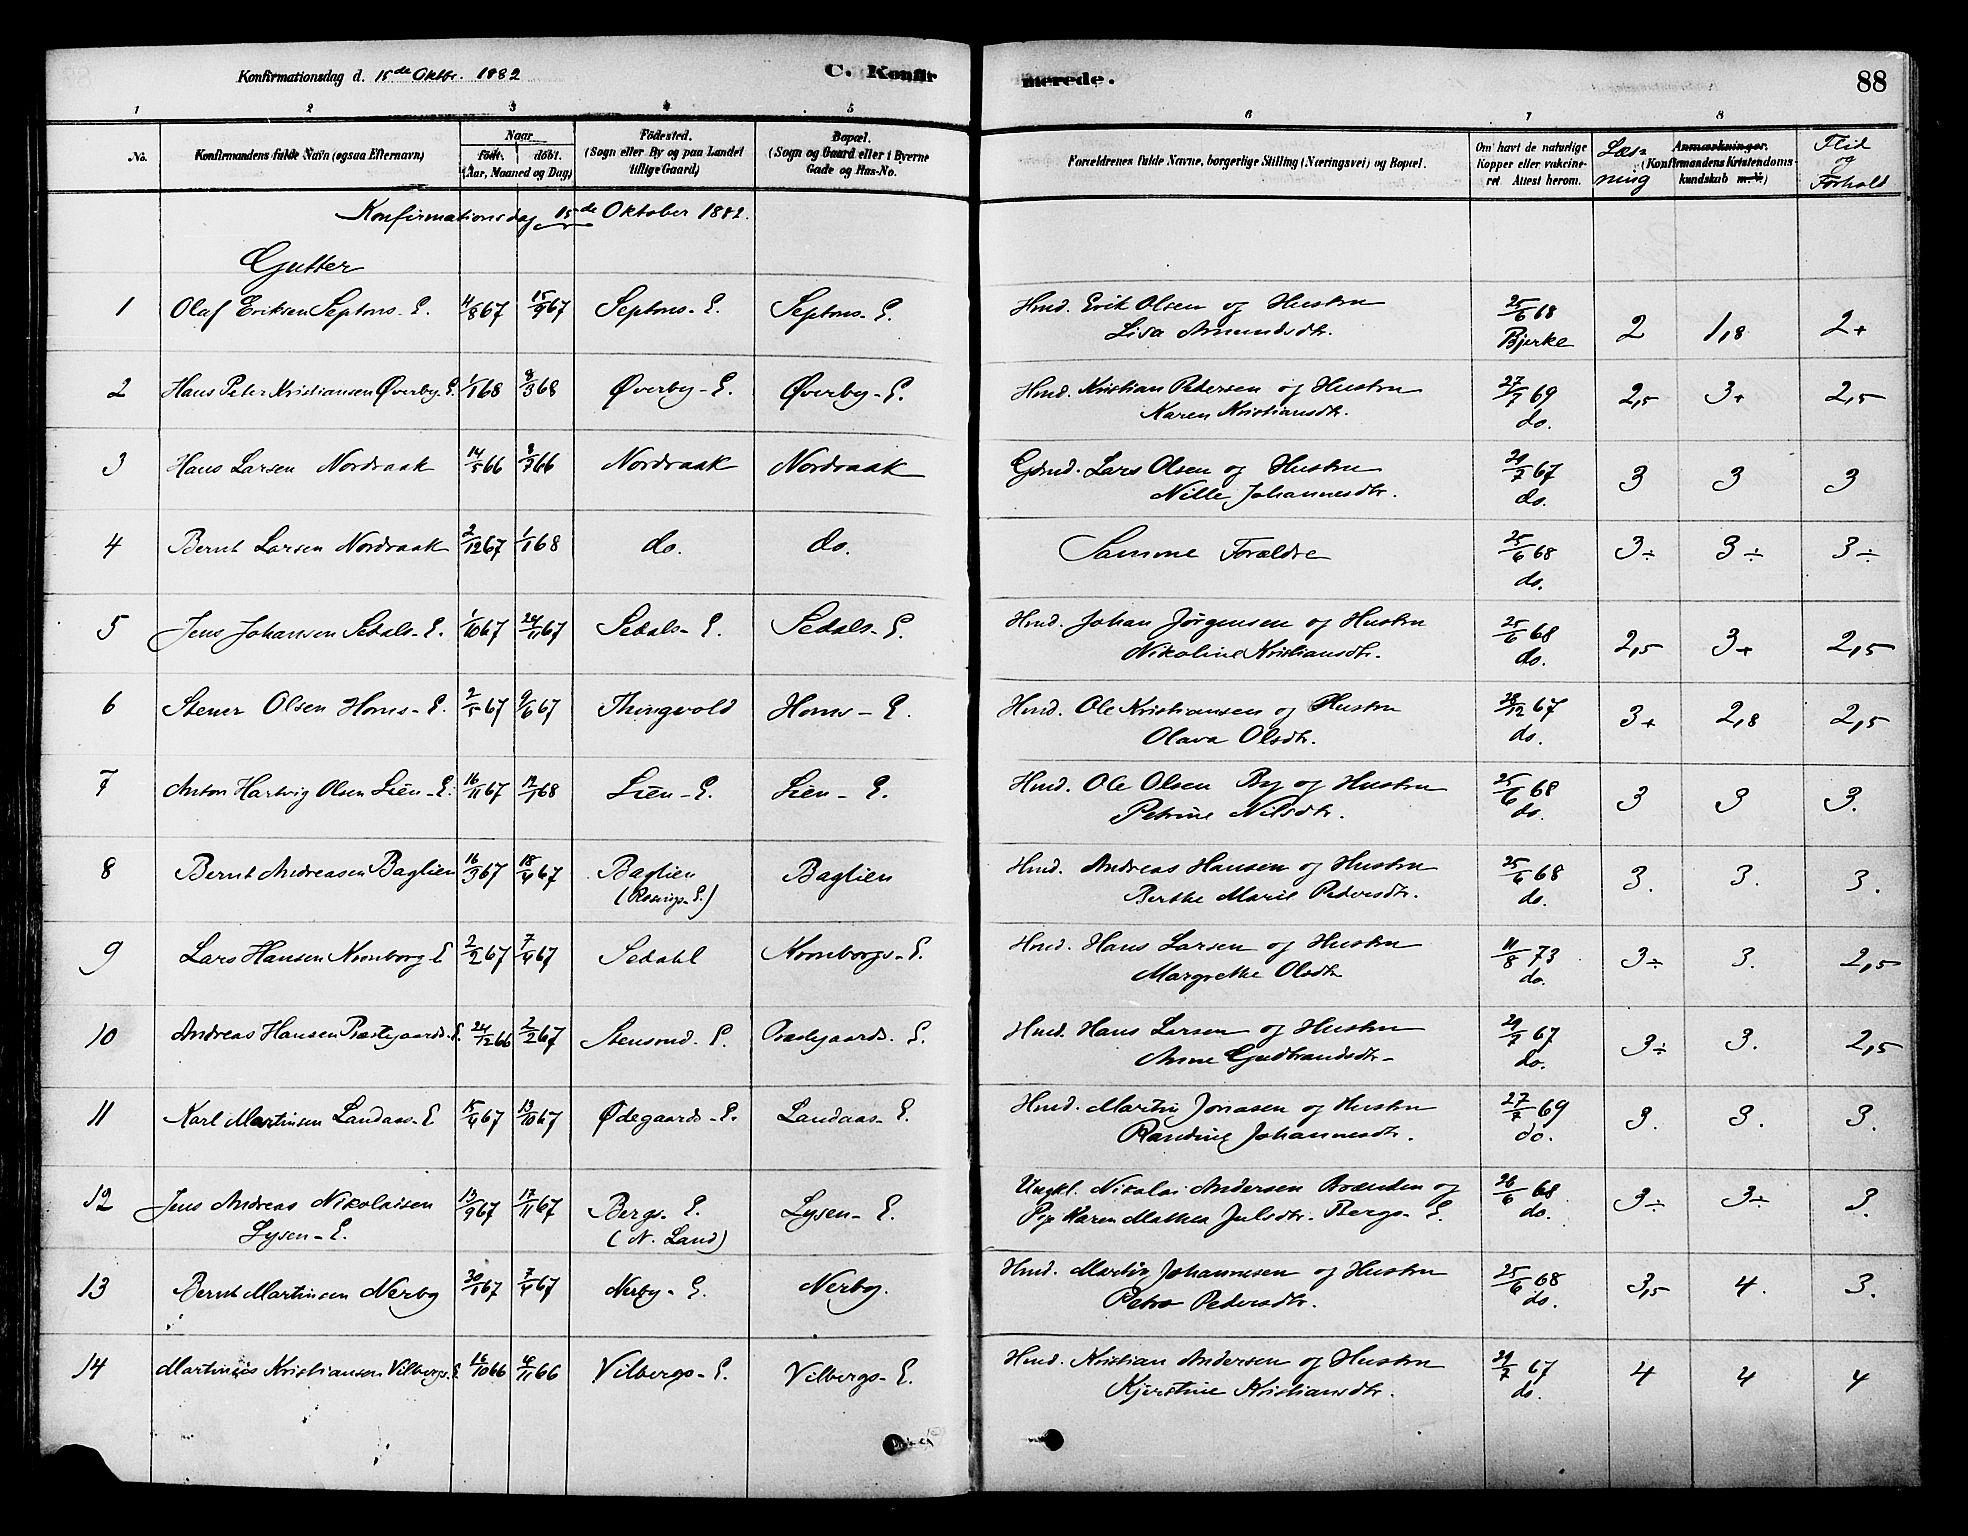 SAH, Søndre Land prestekontor, K/L0002: Ministerialbok nr. 2, 1878-1894, s. 88